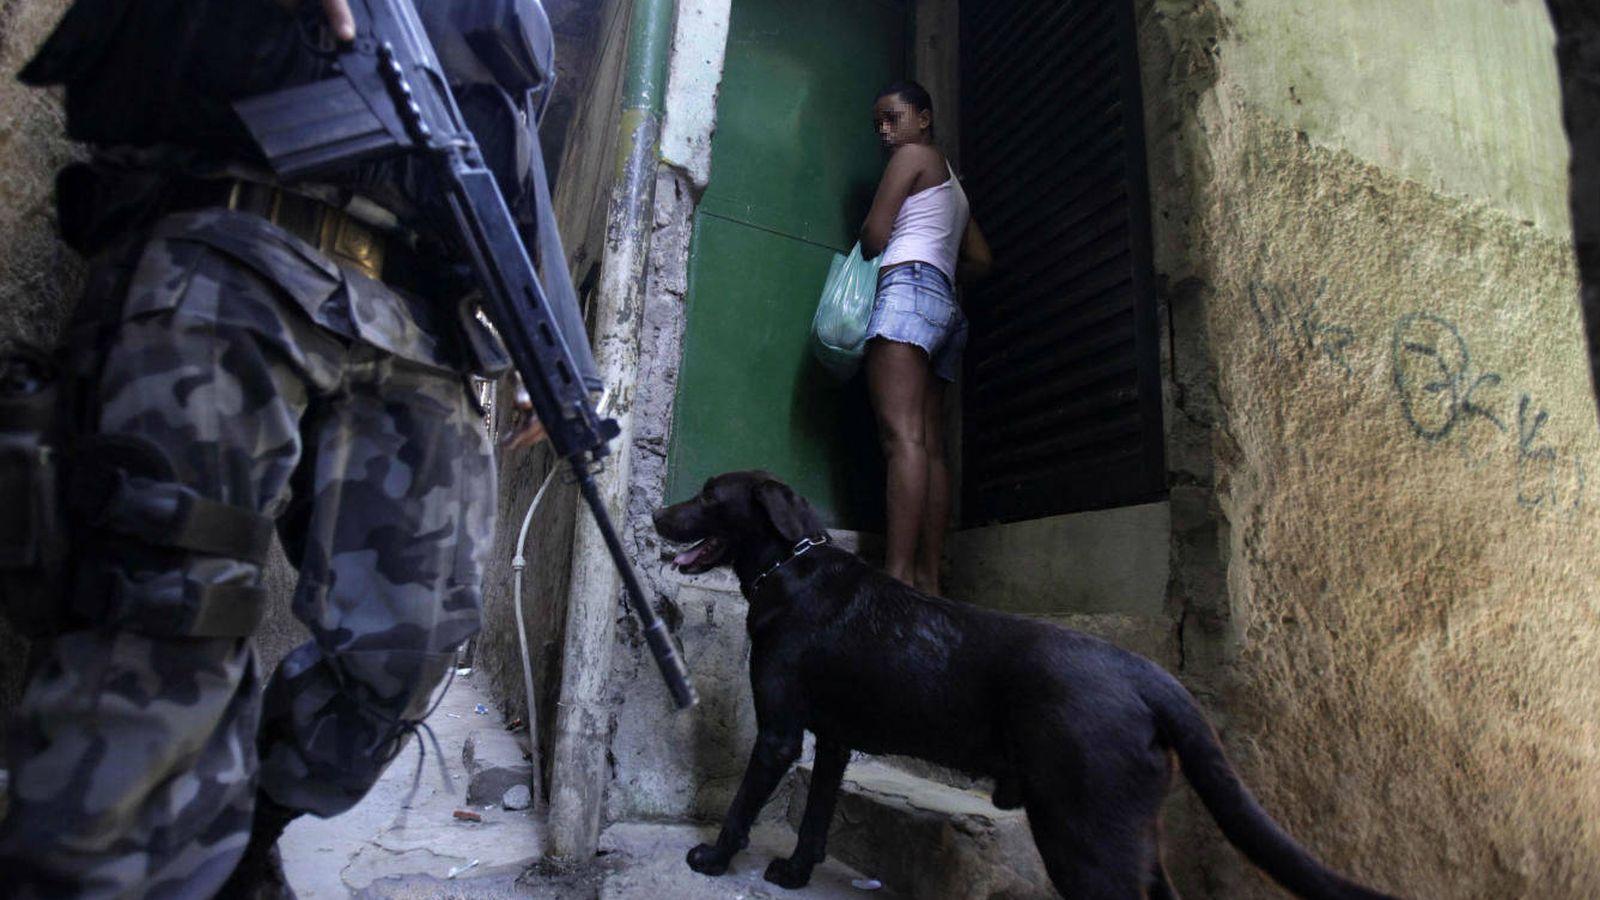 Ano De Chica Adolescente Desnuda twitter: treinta hombres violan a una chica de 17 años en